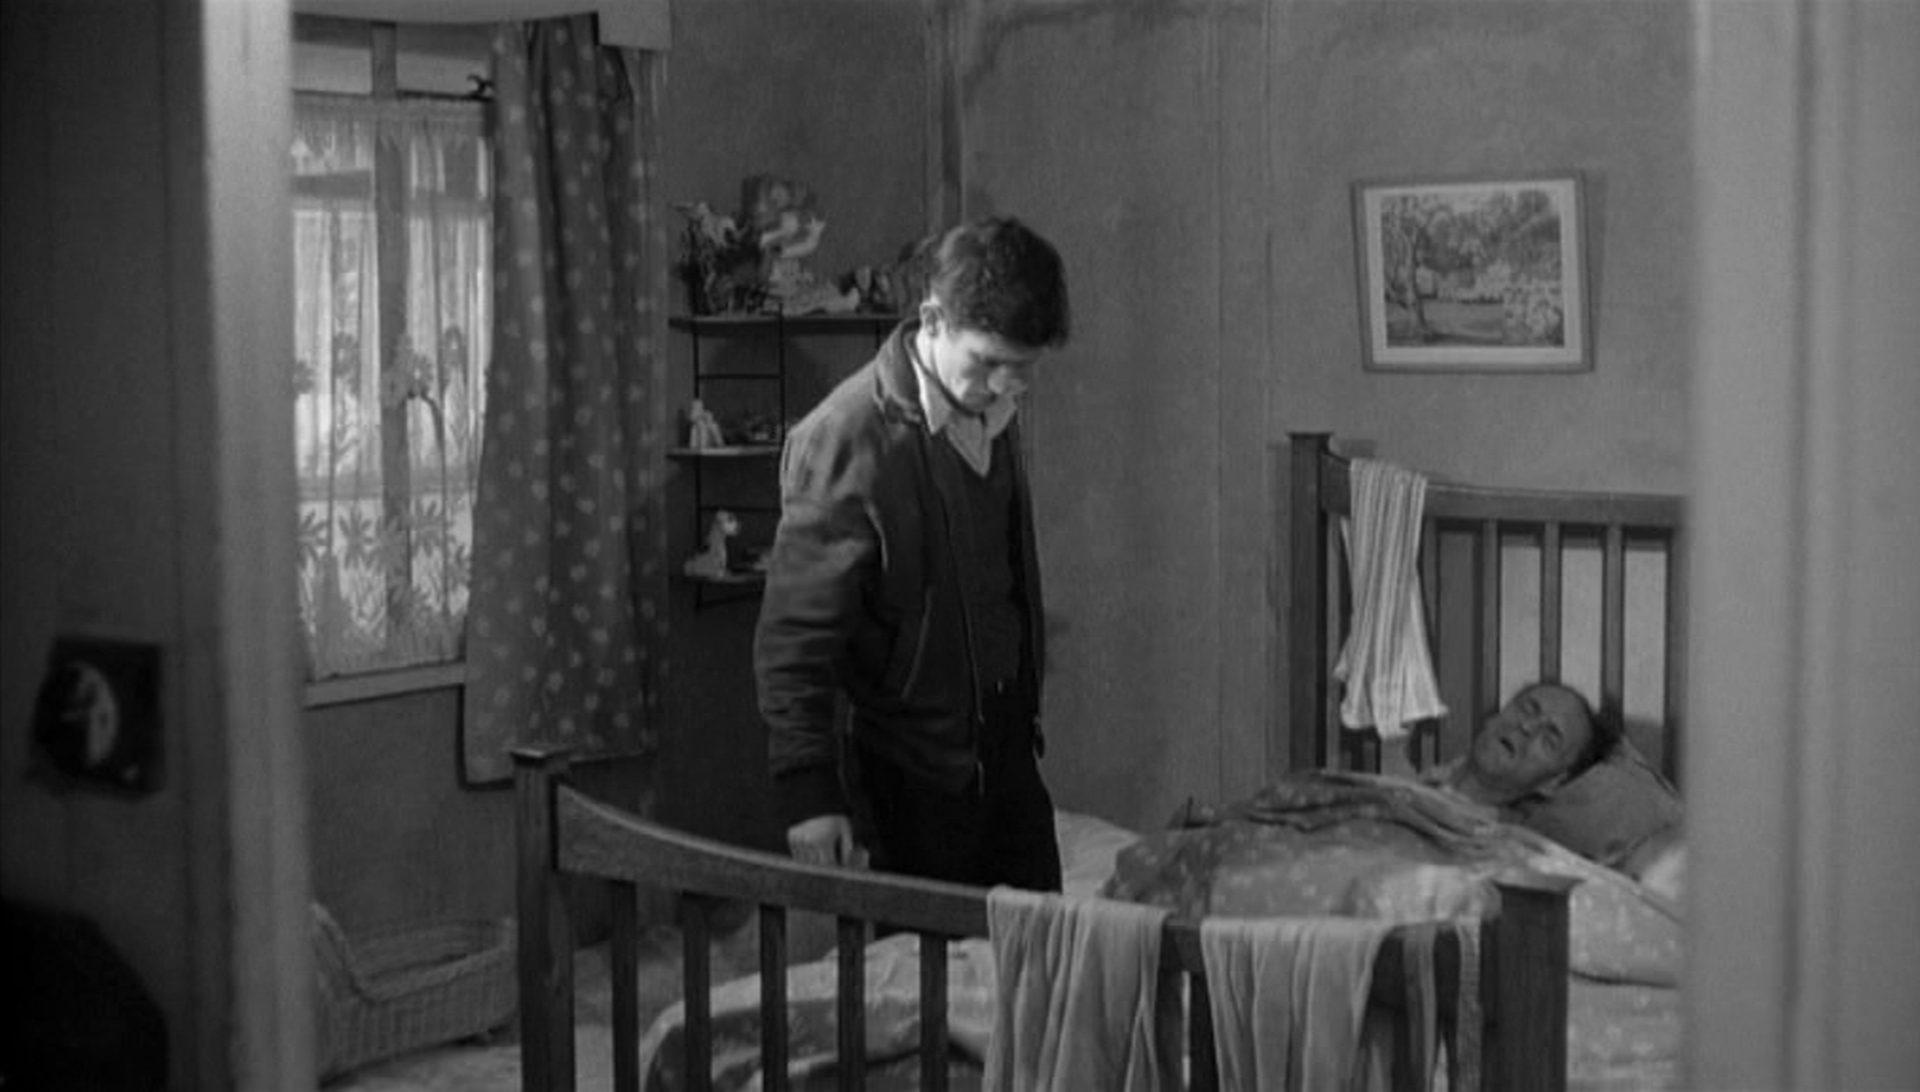 Tom Courtenay als Colin Smith in bedächtiger Pose im Zimmer seines bettlägerigen Vaters.